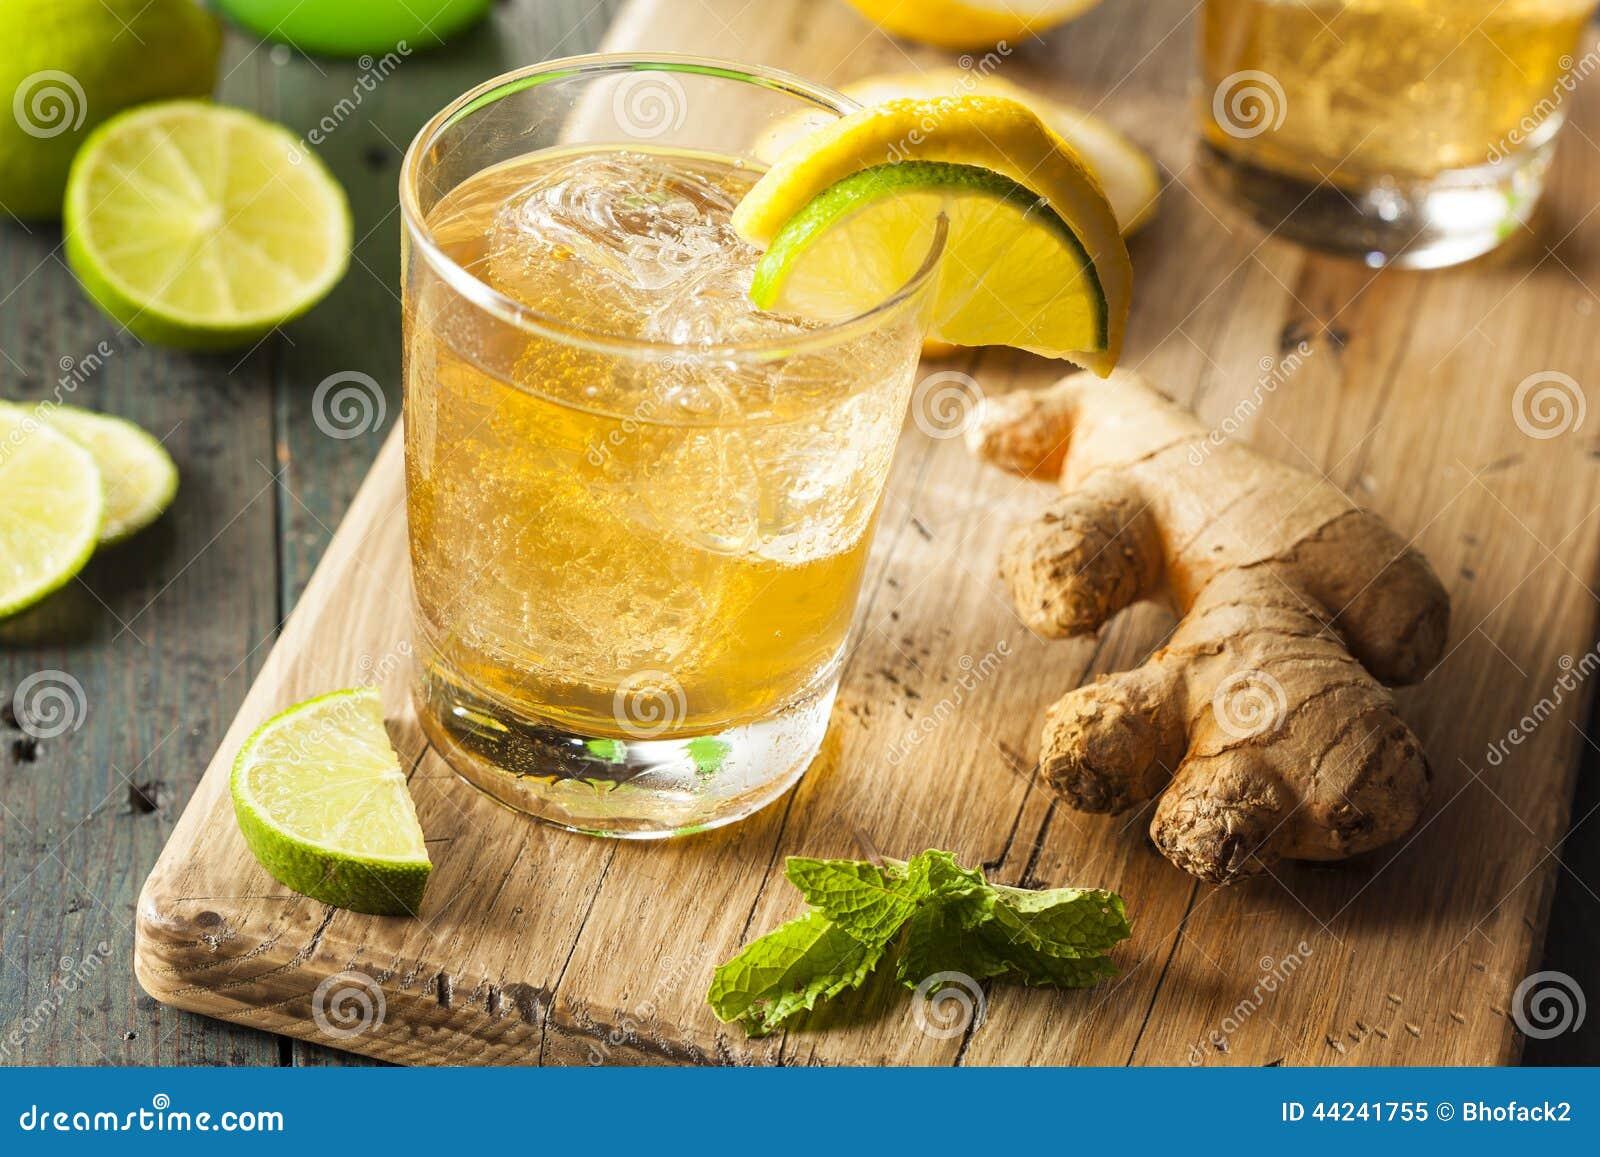 有机姜汁无酒精饮料苏打